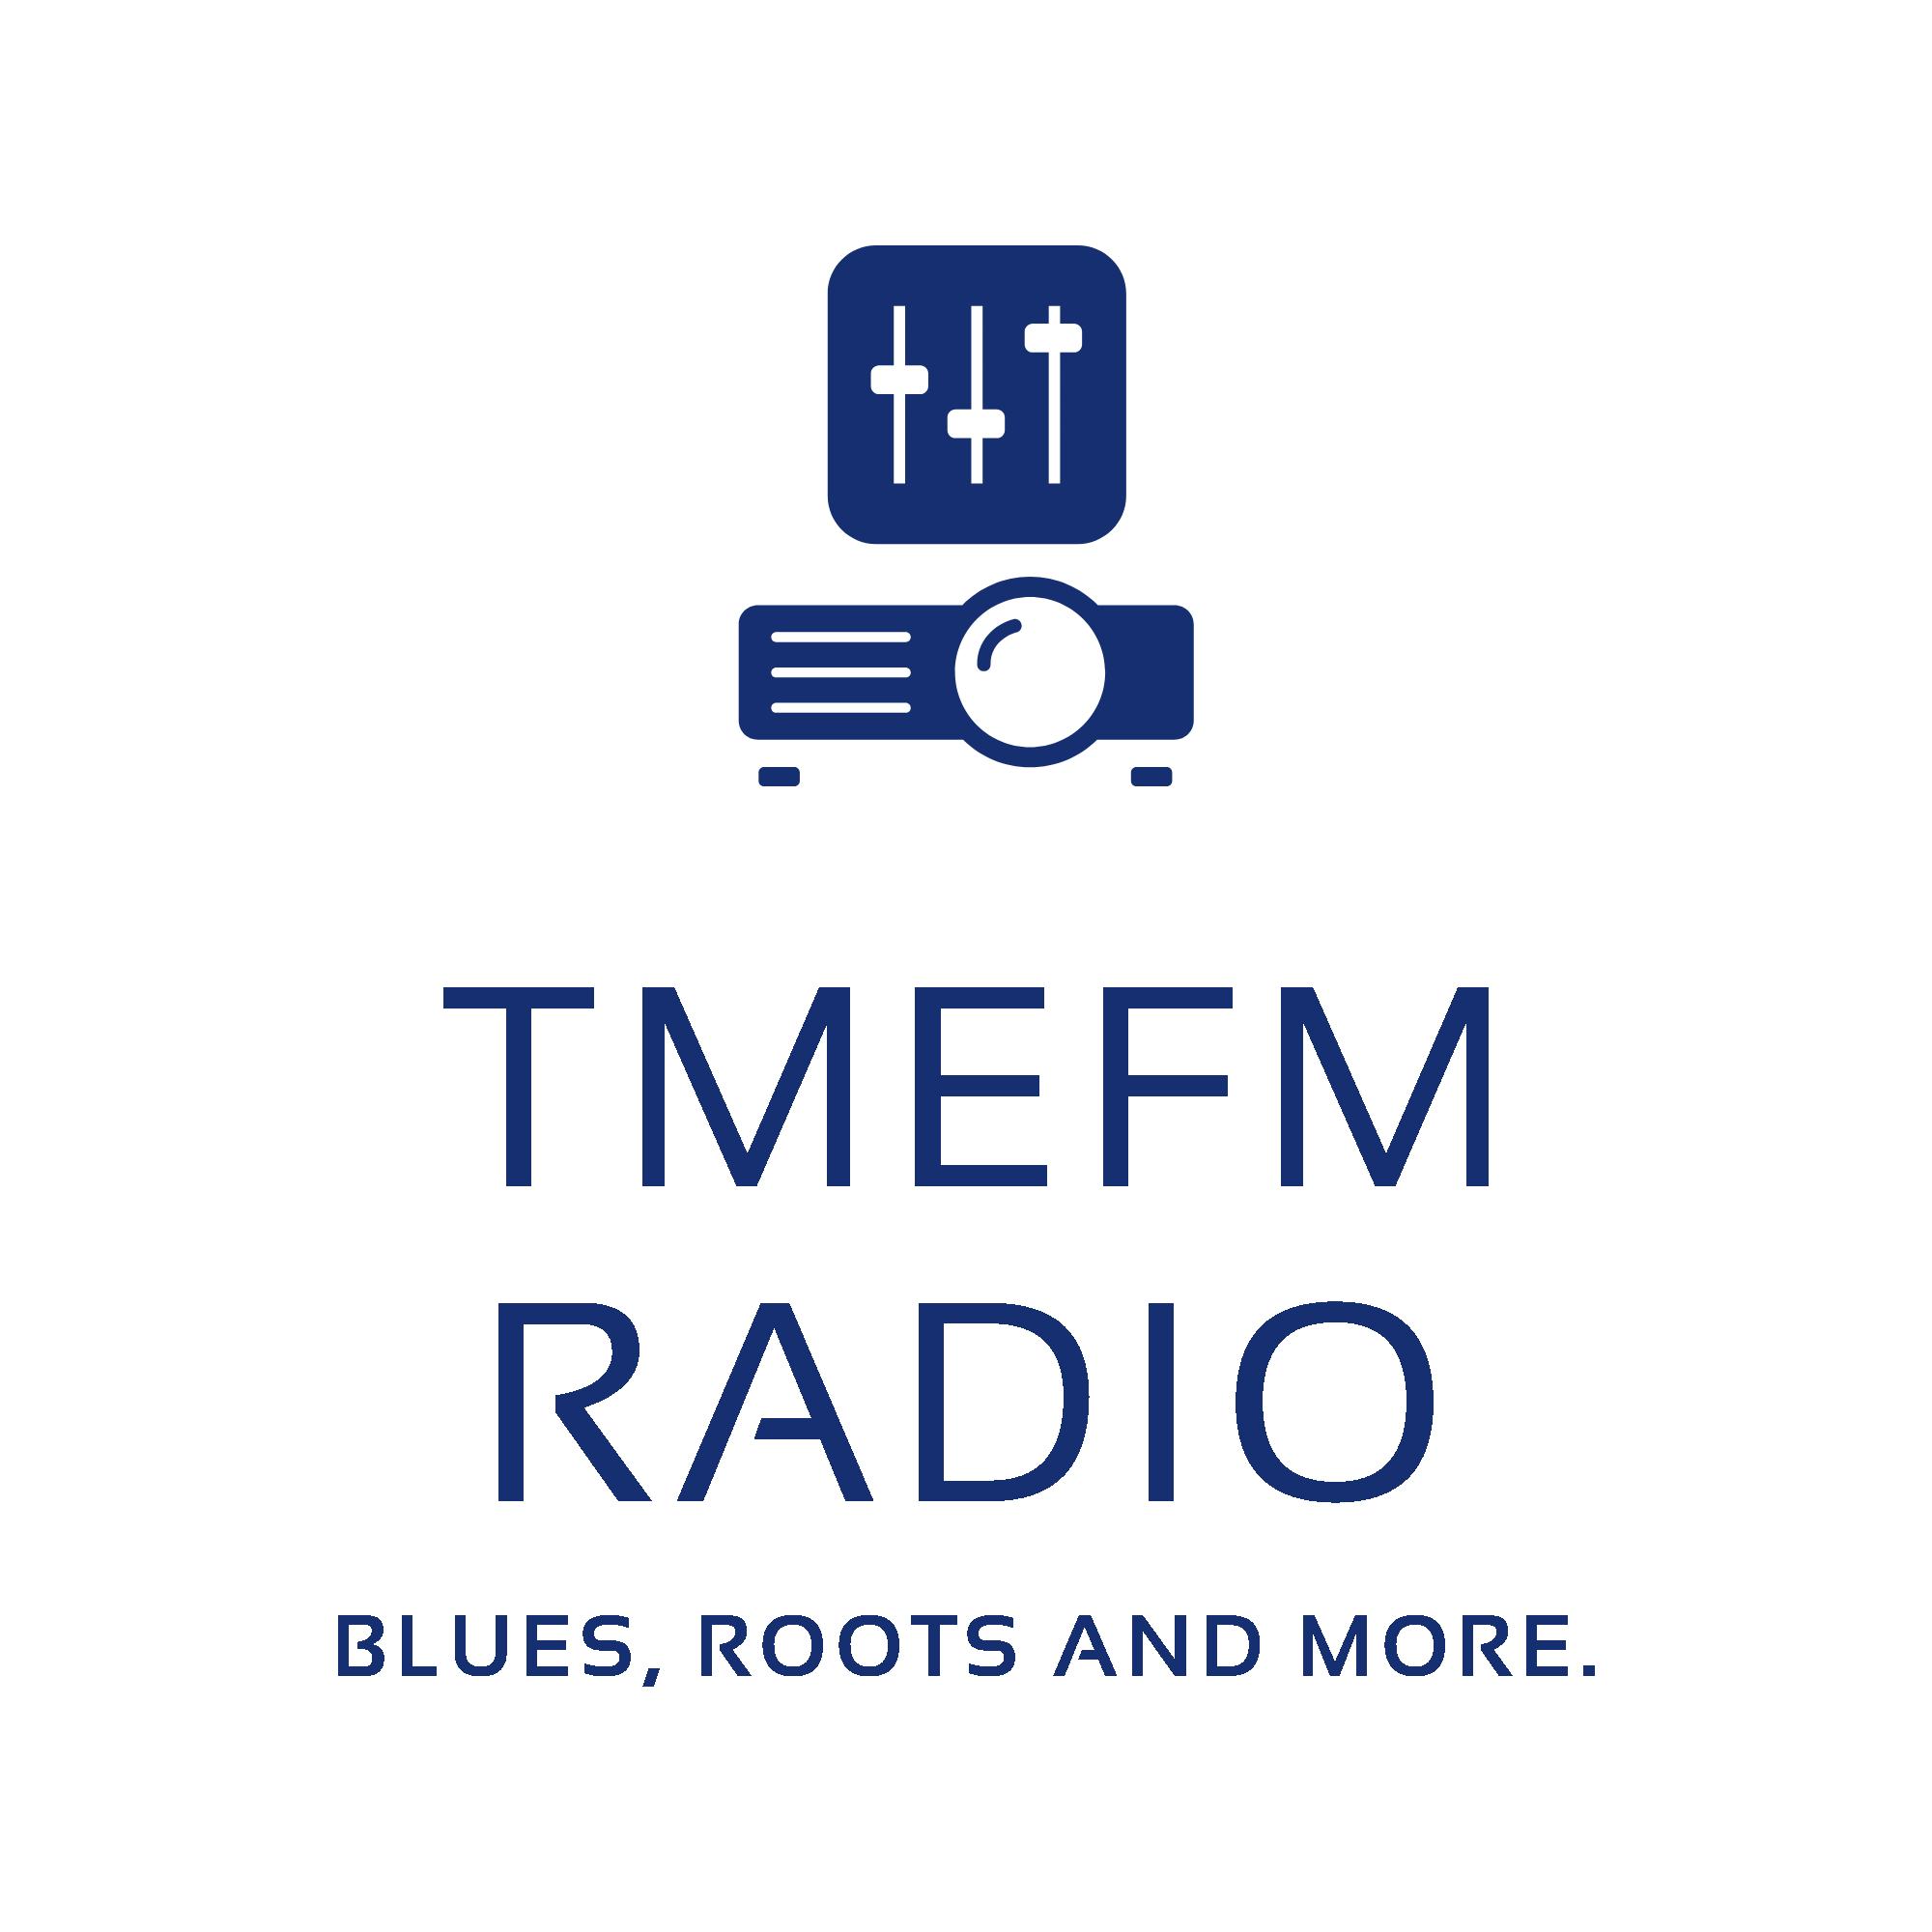 TMEfmradio